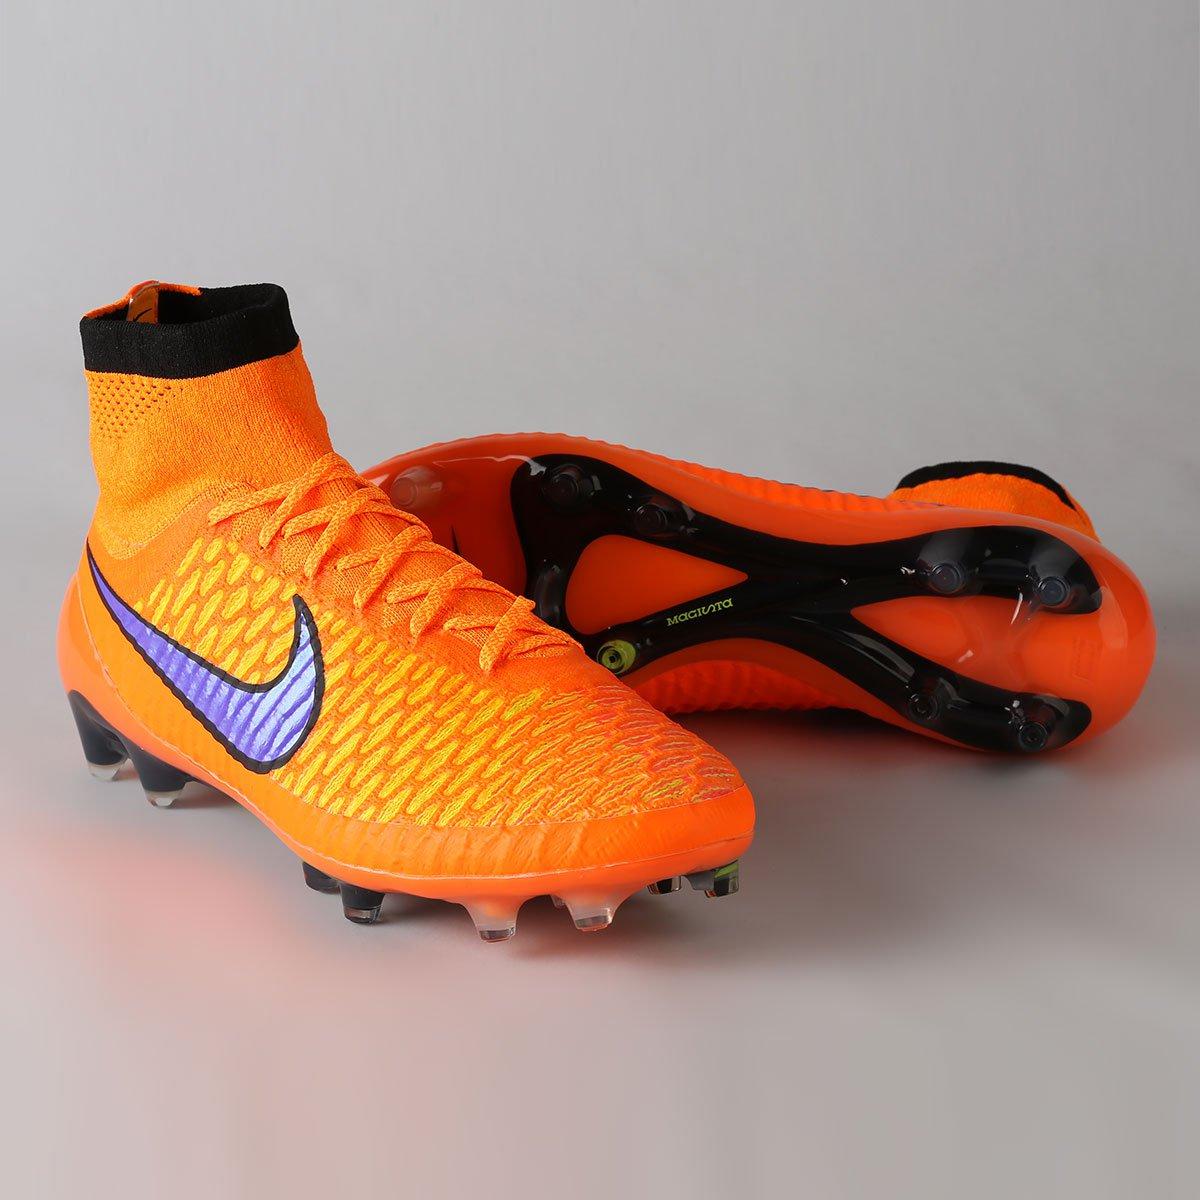 744042ebce59c Chuteira Nike Magista Obra FG Campo - Compre Agora